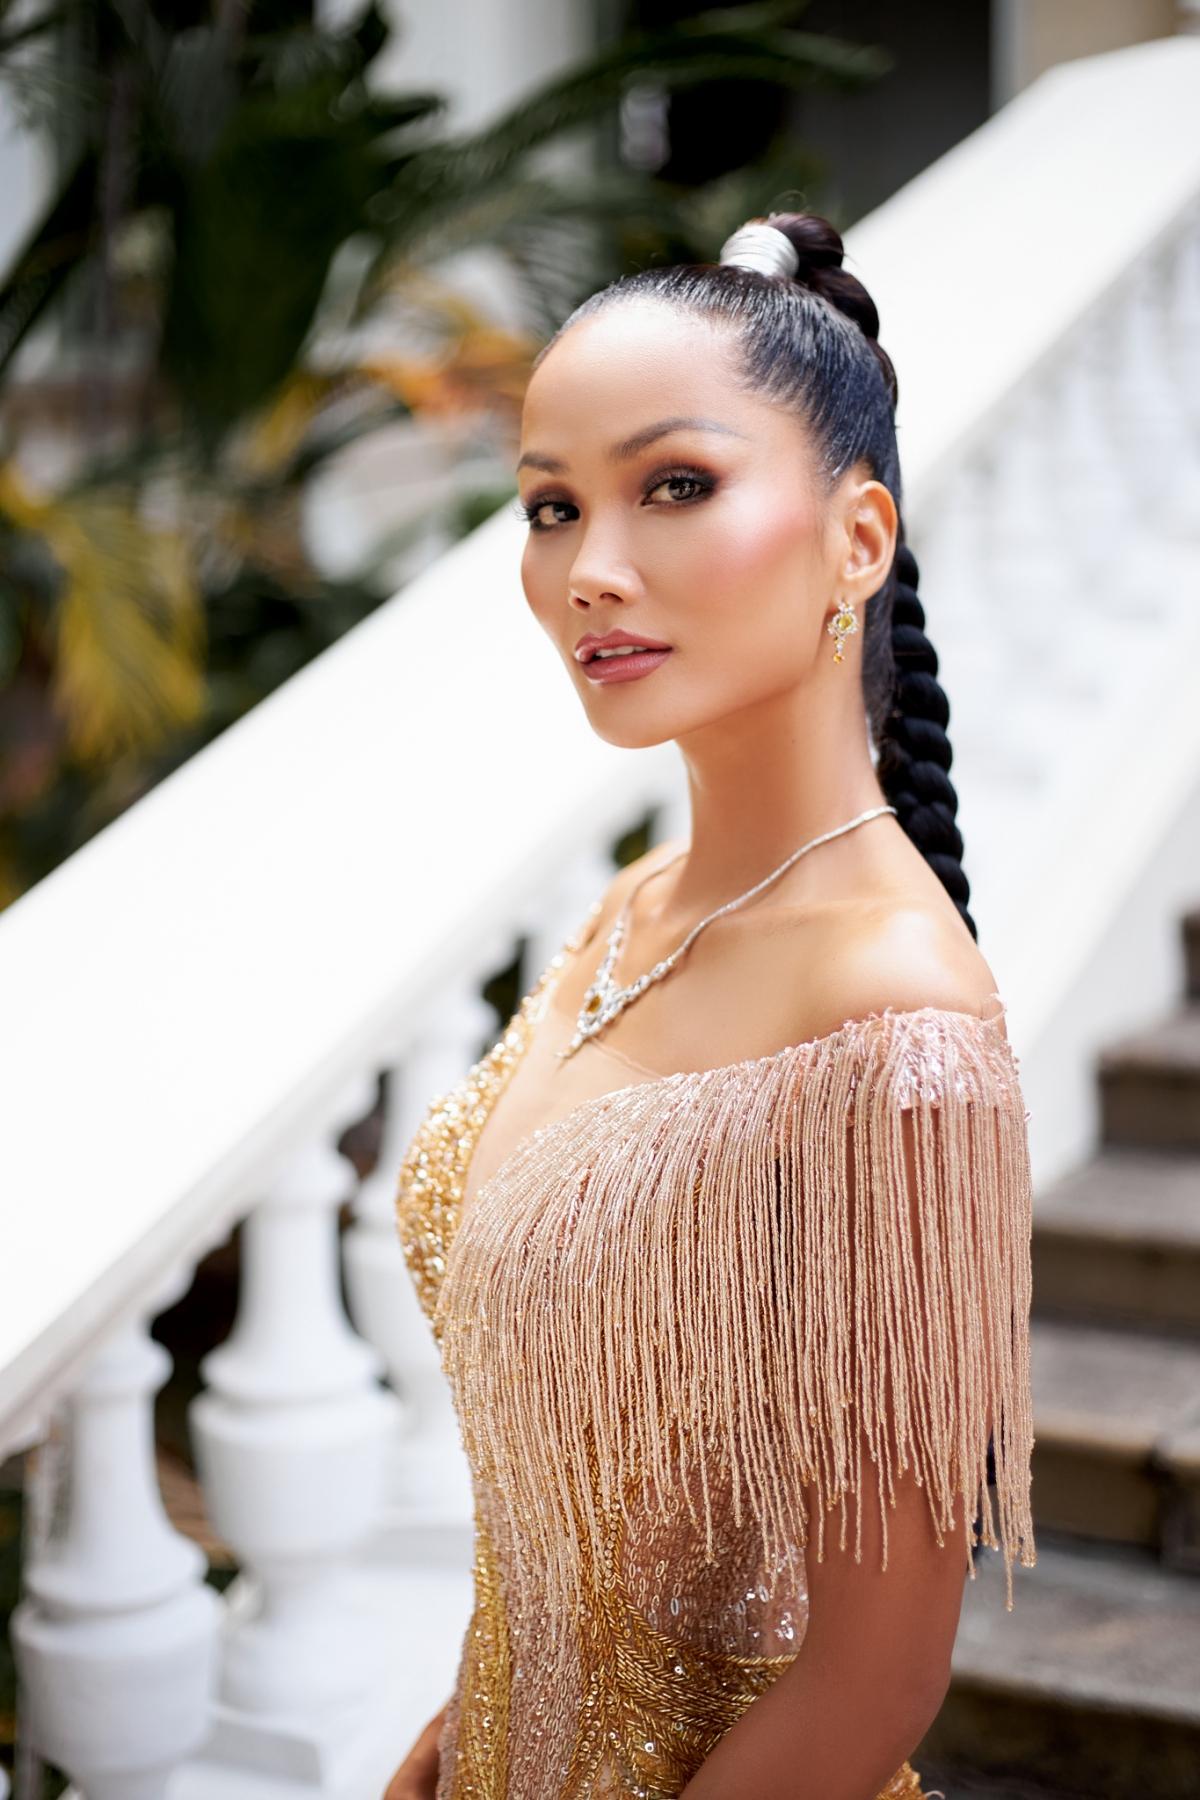 Thời gian gần đây, Hoa hậu H'Hen Niê liên tục khoe với khán giả kỹ năng trang điểm của mình, được cô tích luỹ sau thời gian dài hoạt động giải trí, cũng như được chuyên viên trang điểm hướng dẫn.